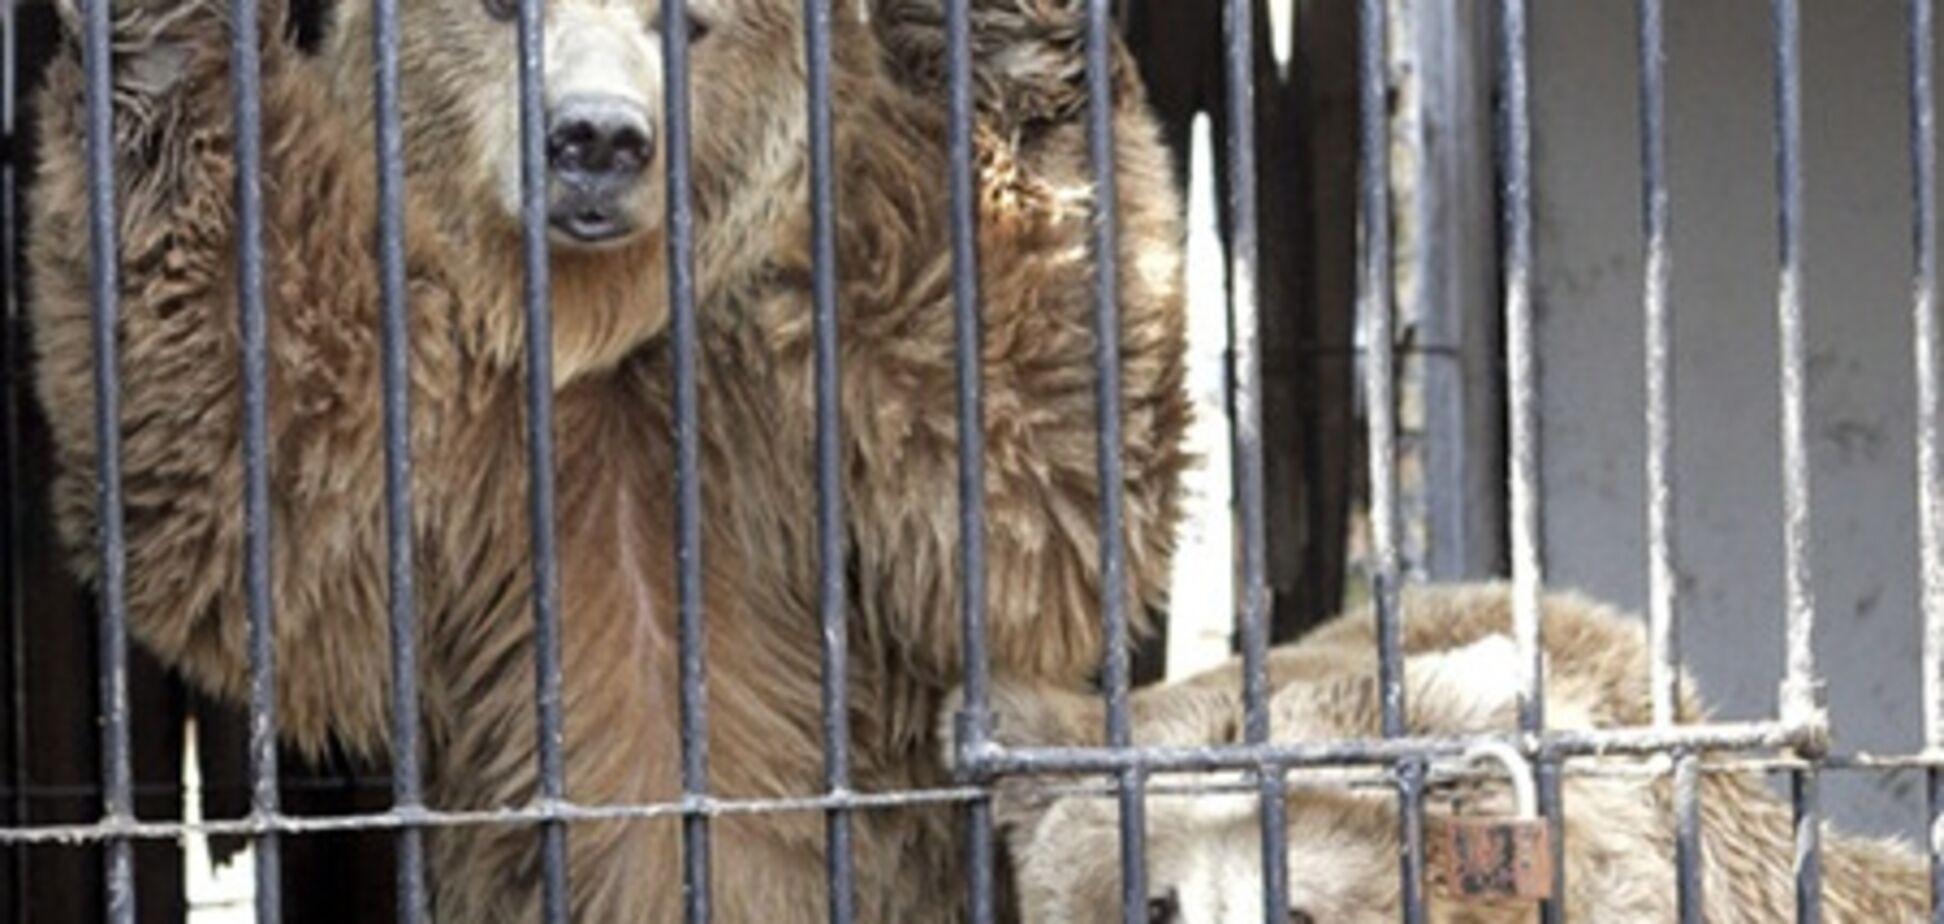 Британские экологи требуют закрыть киевский зоопарк